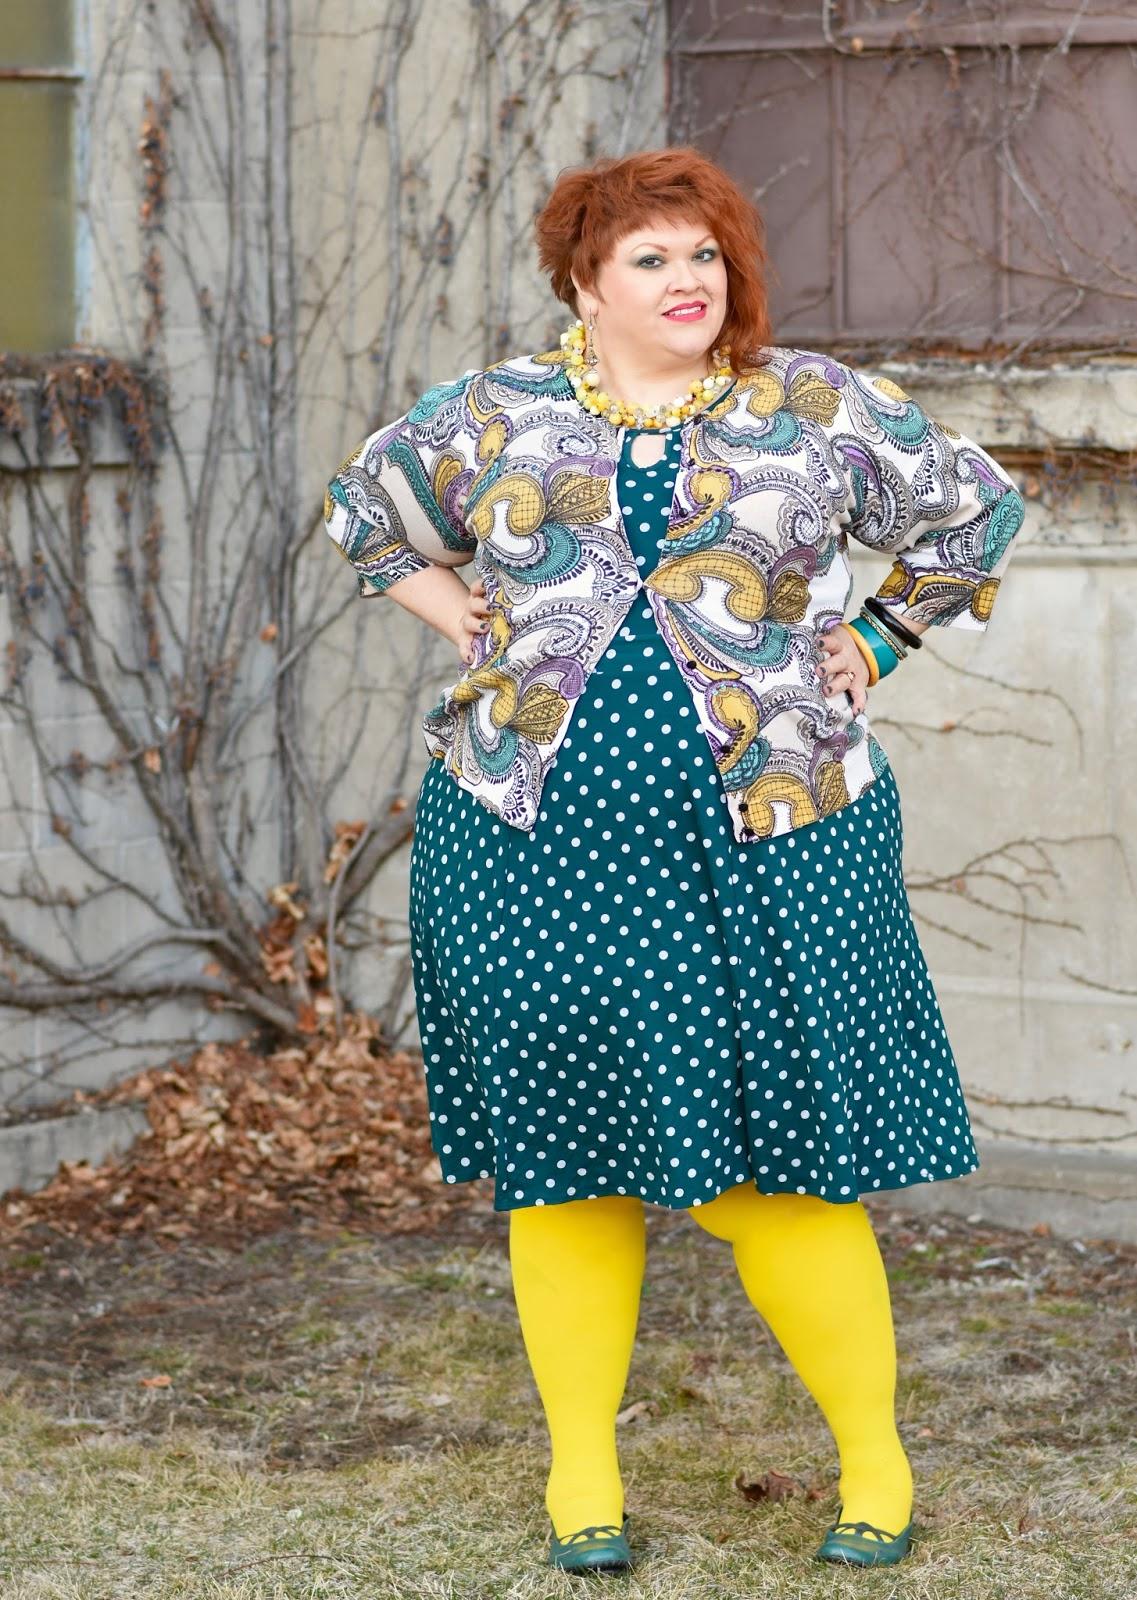 Dress: Lollidot 40u0027s Keyhole Dress In Jewel Teal By Scarlett U0026 Jo (size 28)